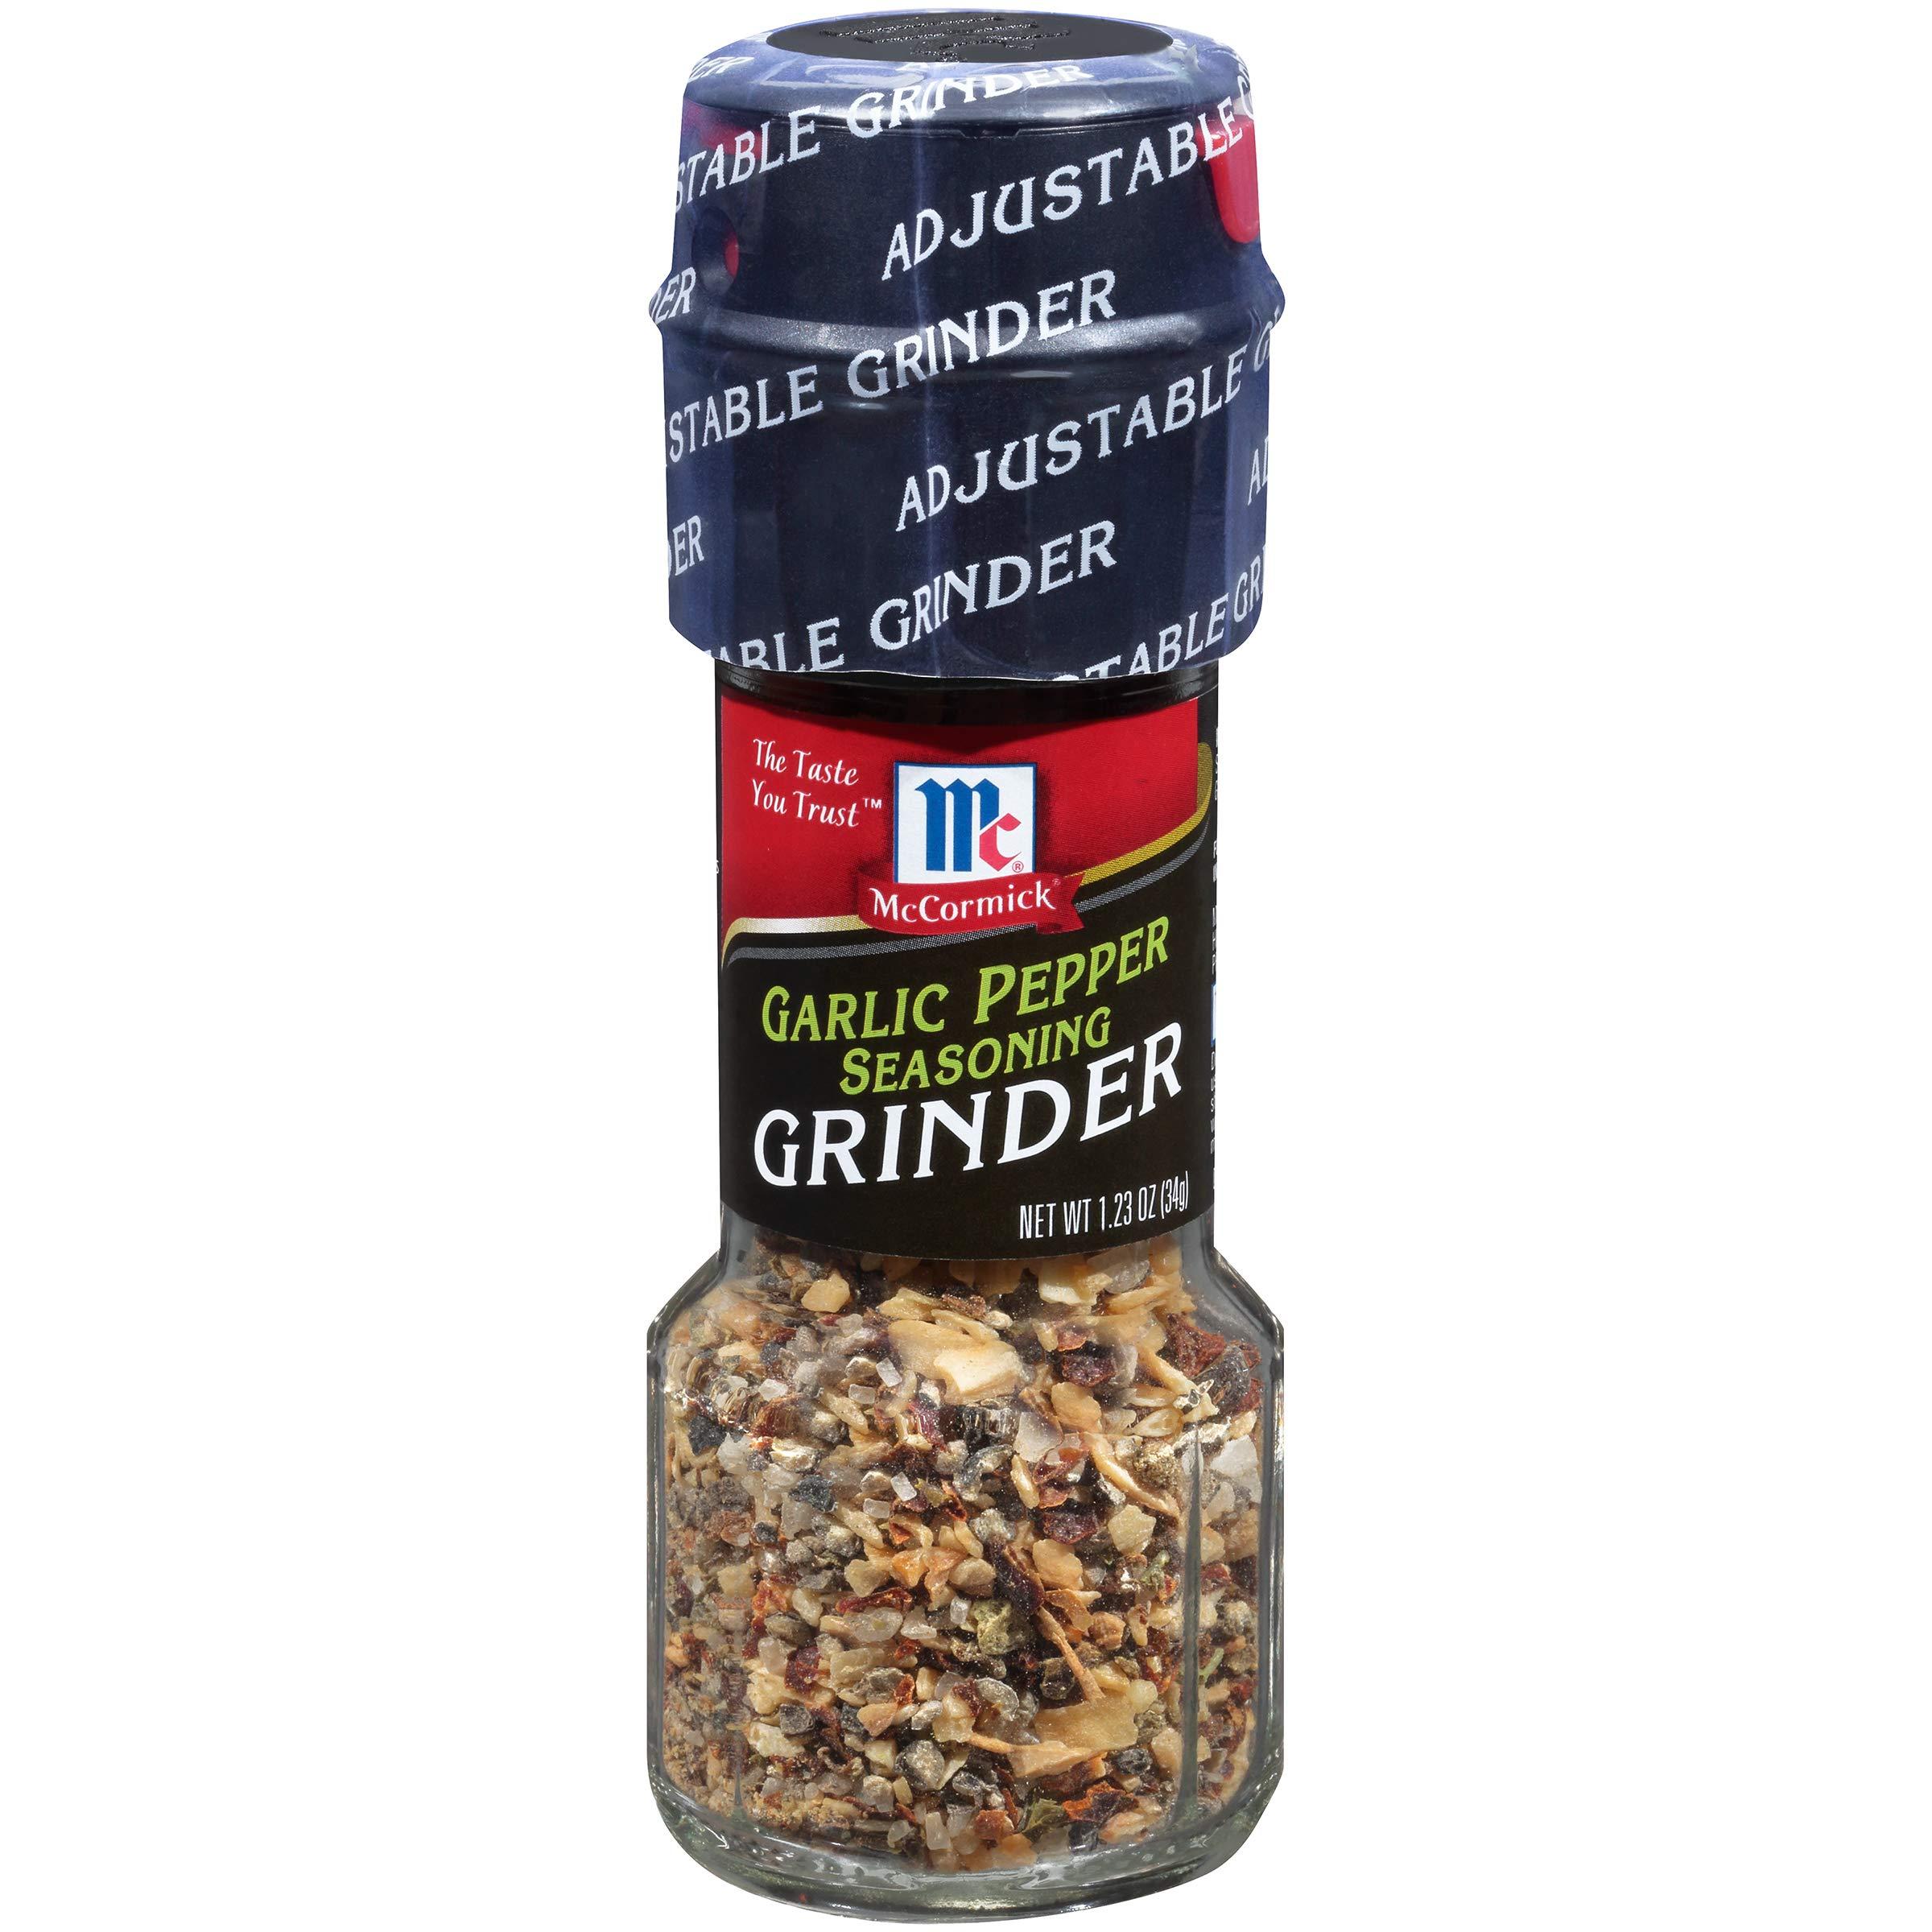 Grinders Garlic Pepper Seasoning - 6 Pack